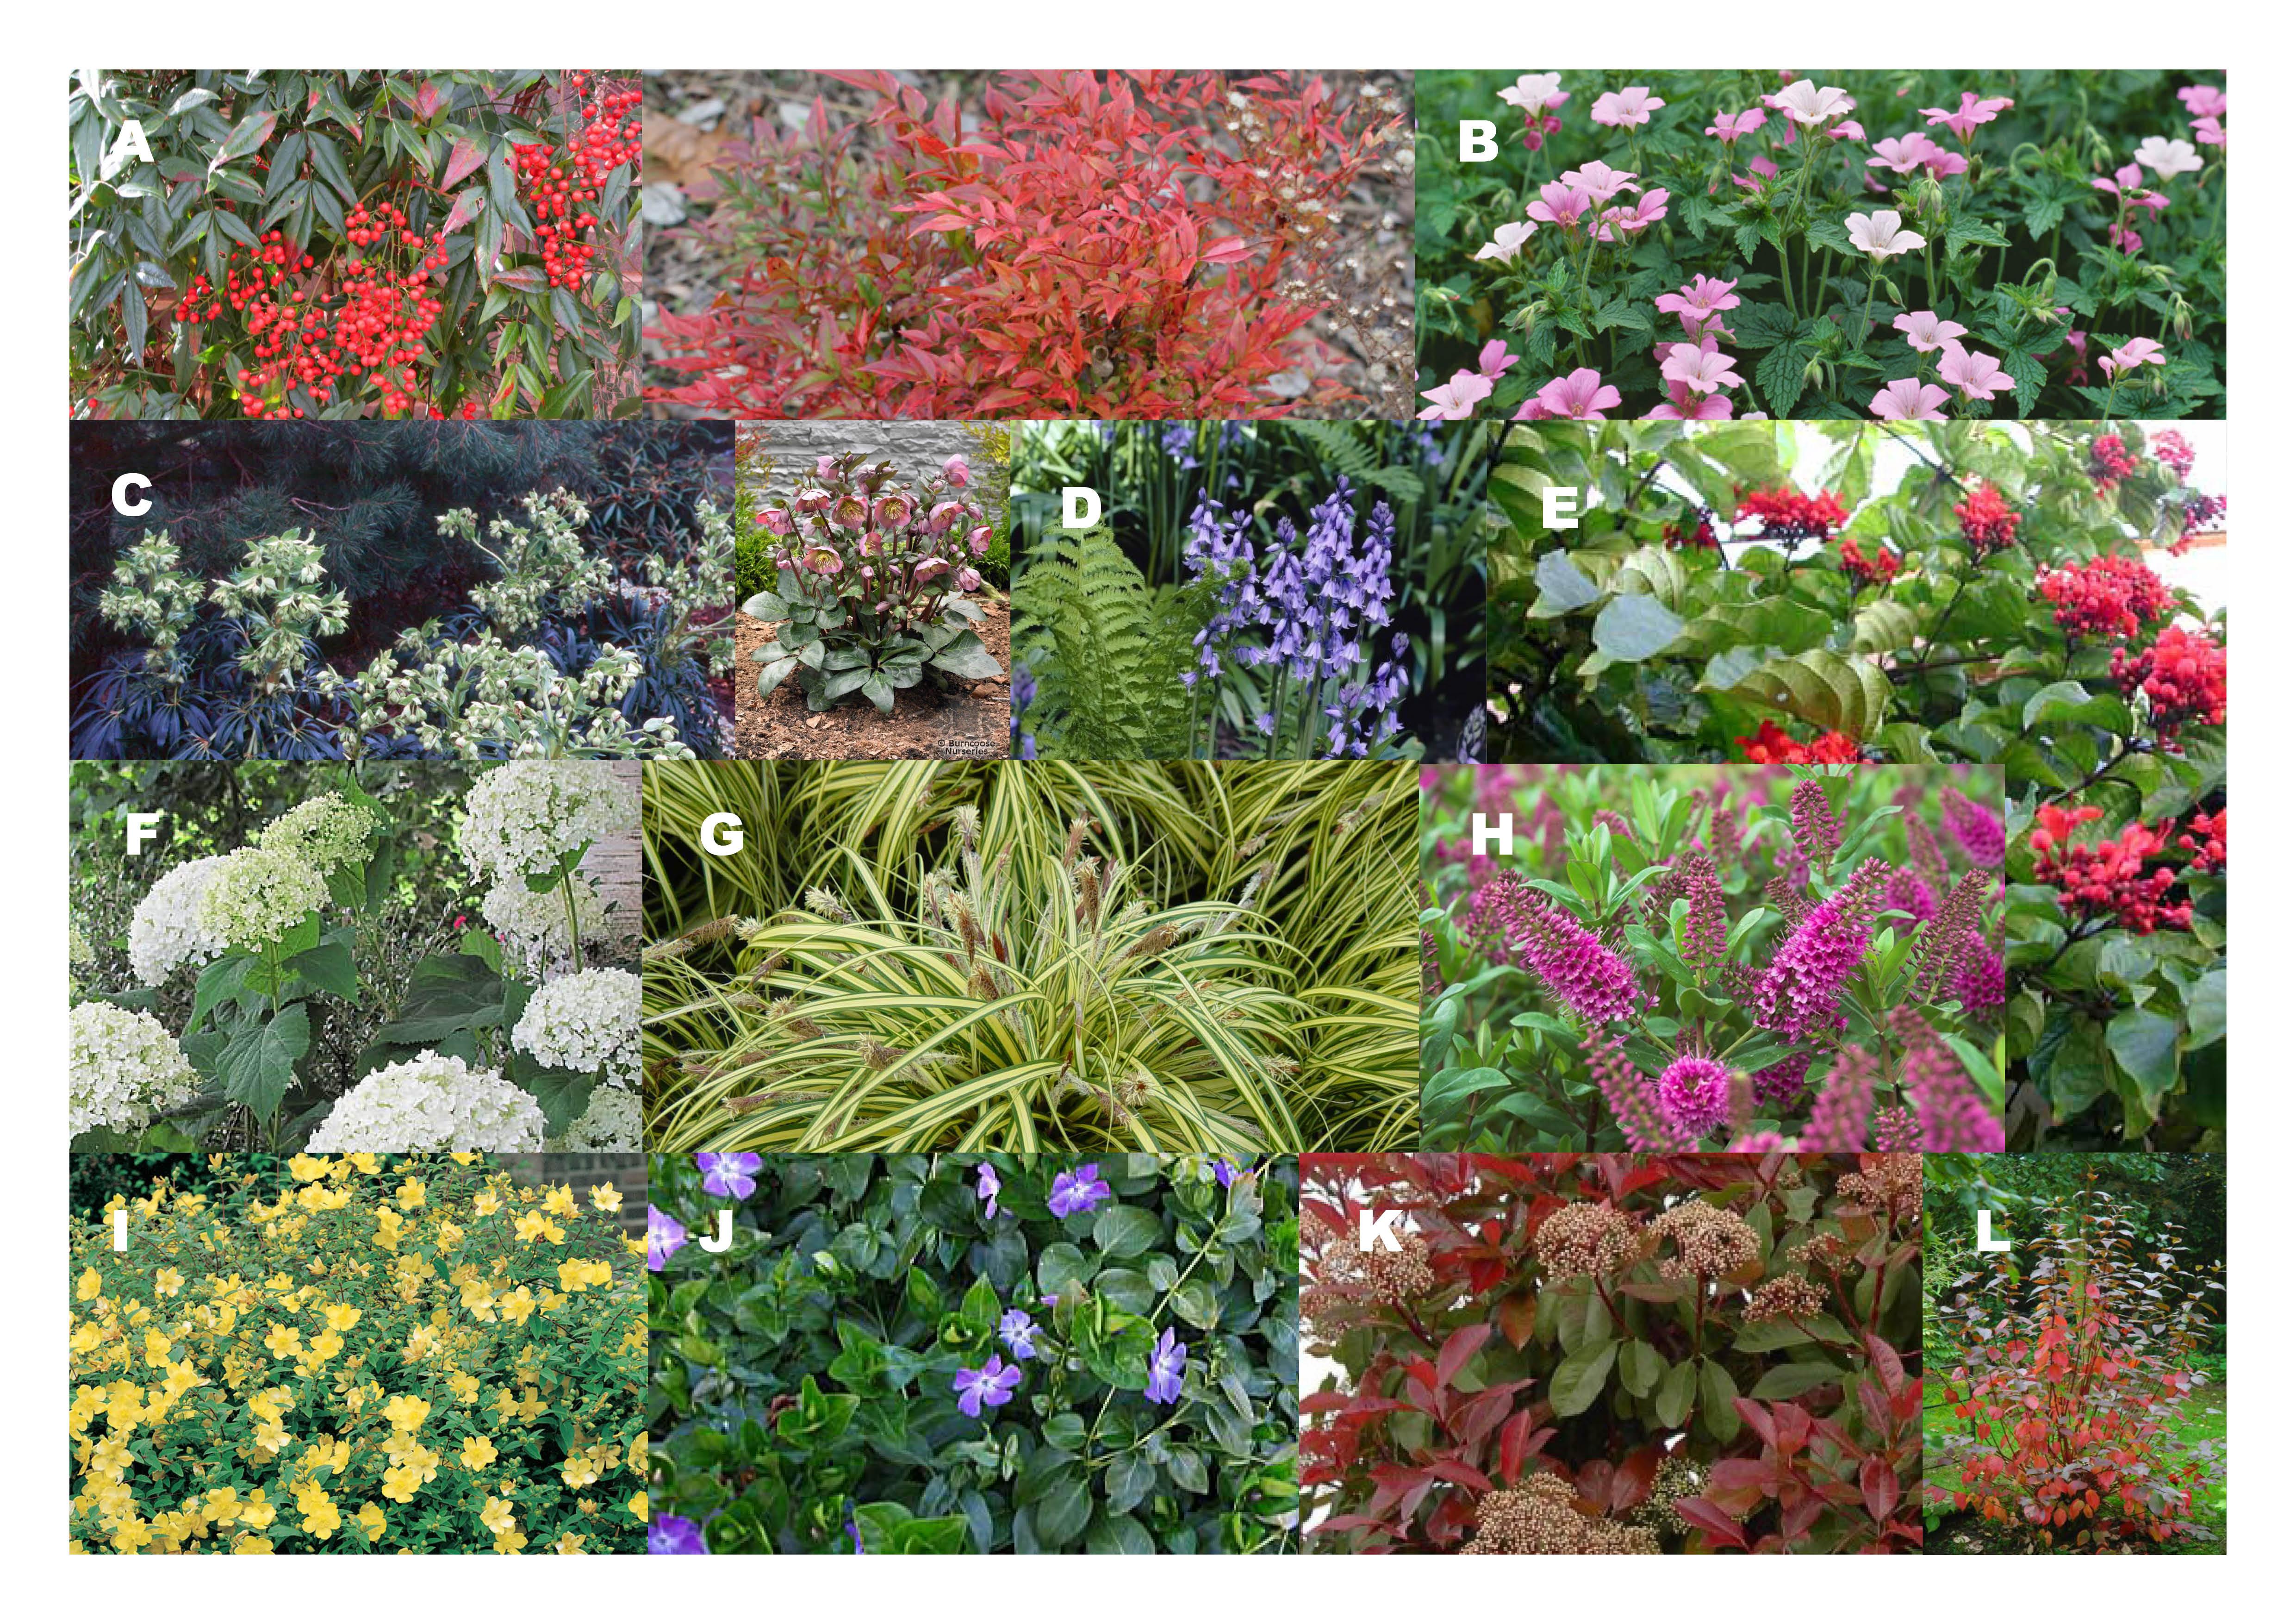 De bloemetjes en planten buiten zetten graaf florisstraat de eerste website met een eigen - Buiten zenplanten ...